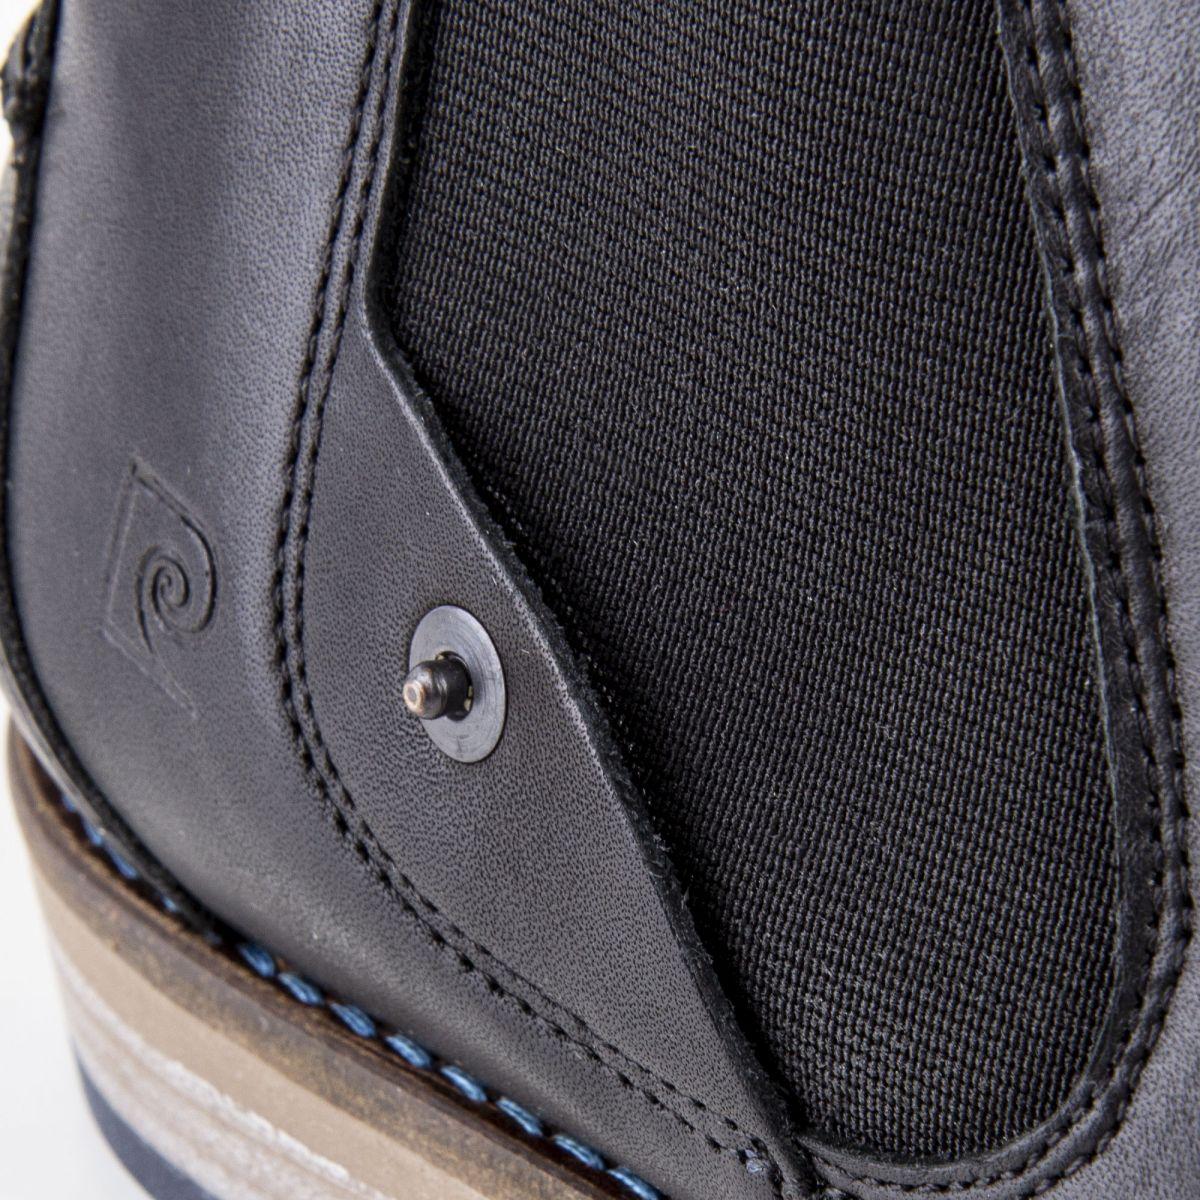 1f724fa3390 ... Chaussures Bottines noires cuir Homme PIERRE CARDIN marque pas cher prix  dégriffés destockage ...